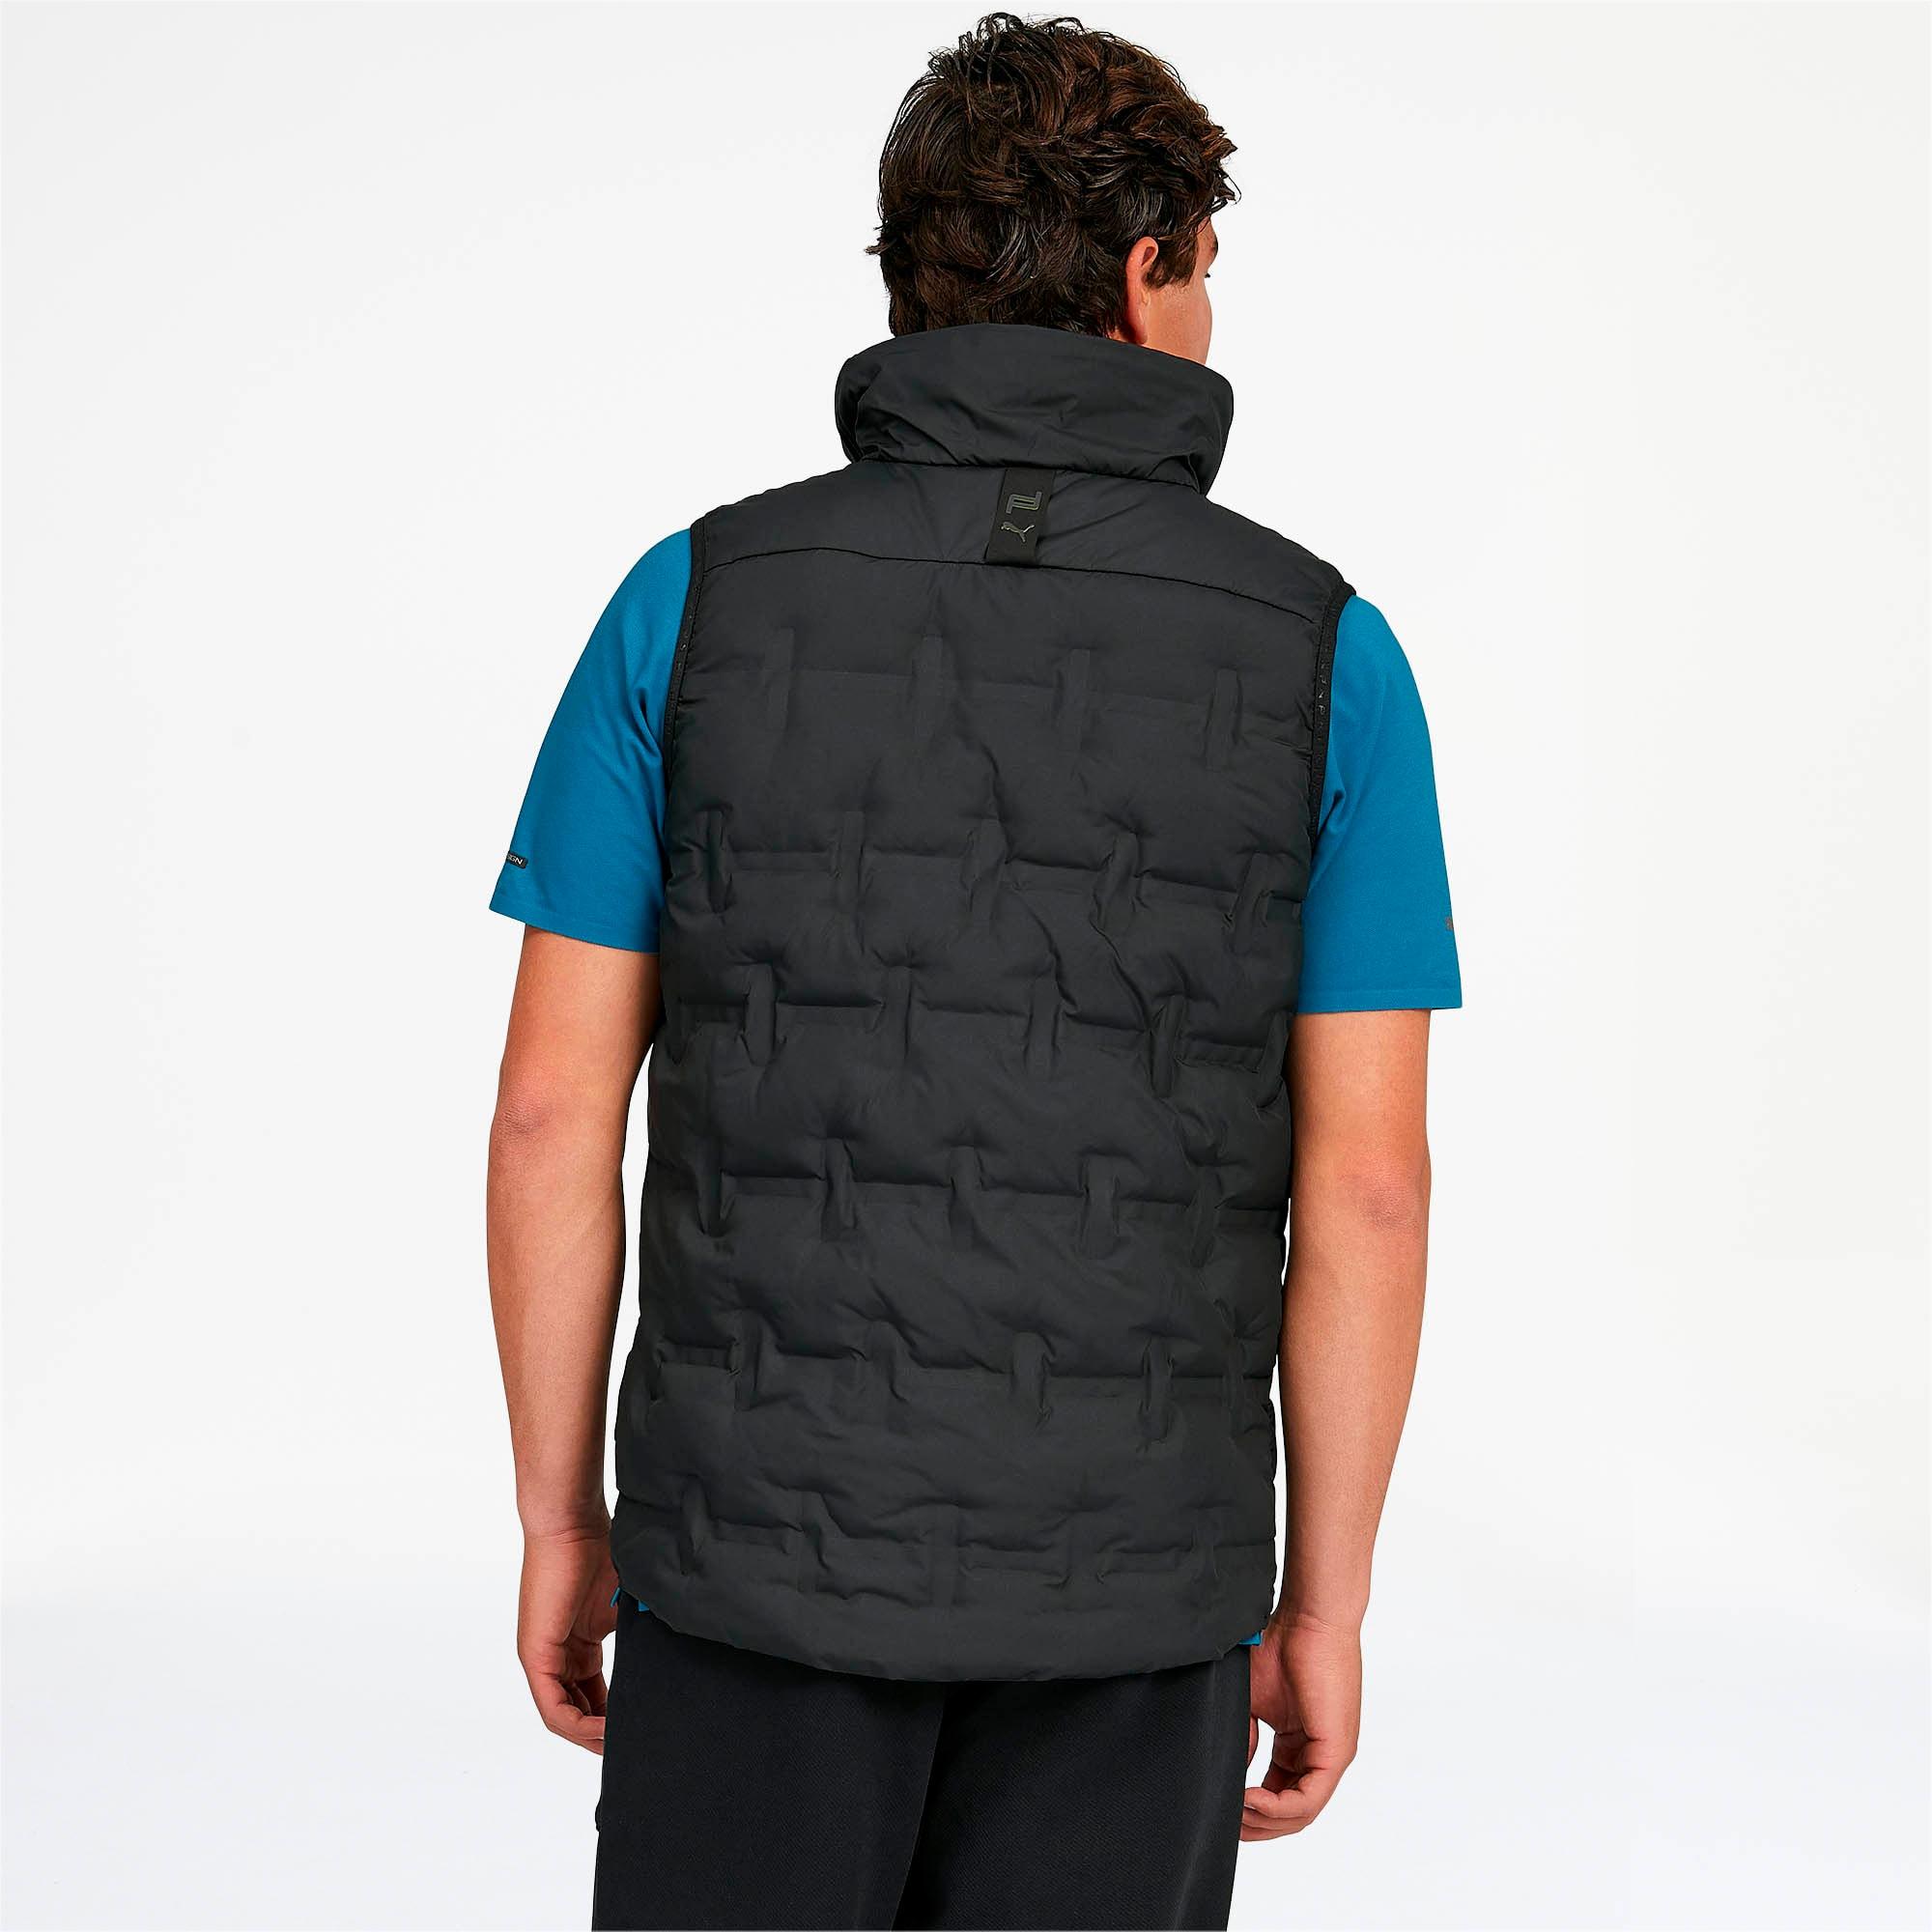 Thumbnail 2 of Porsche Design Men's Padded Vest, Jet Black, medium